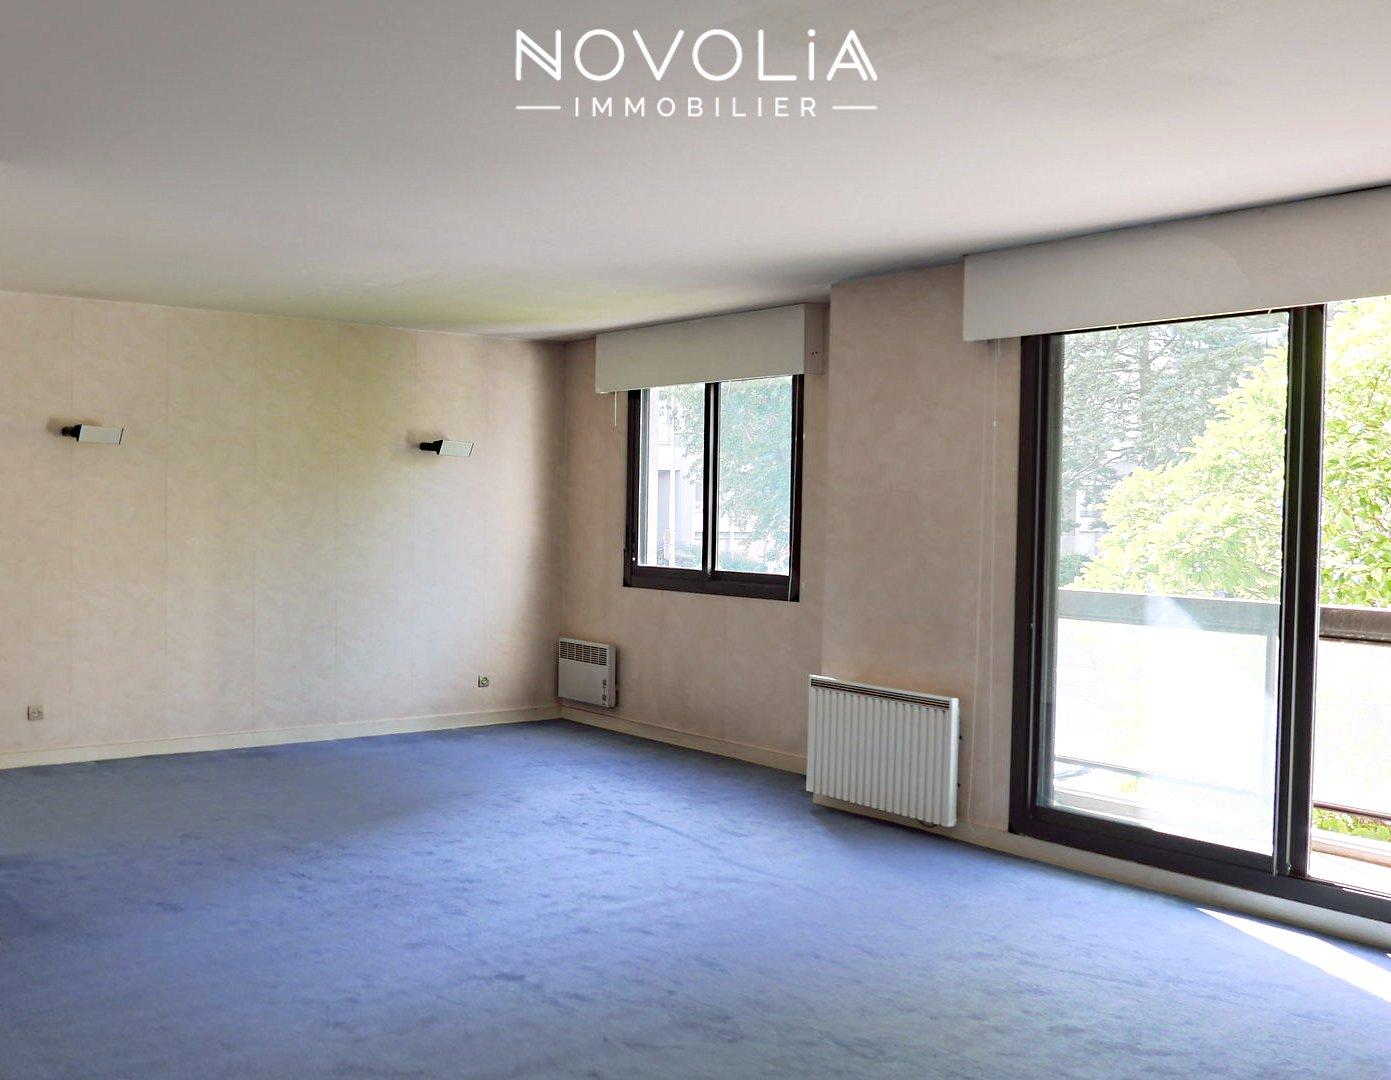 Achat Appartement Surface de 88.12 m²/ Total carrez : 88.12 m², 3 pièces, Lyon 3ème (69003)